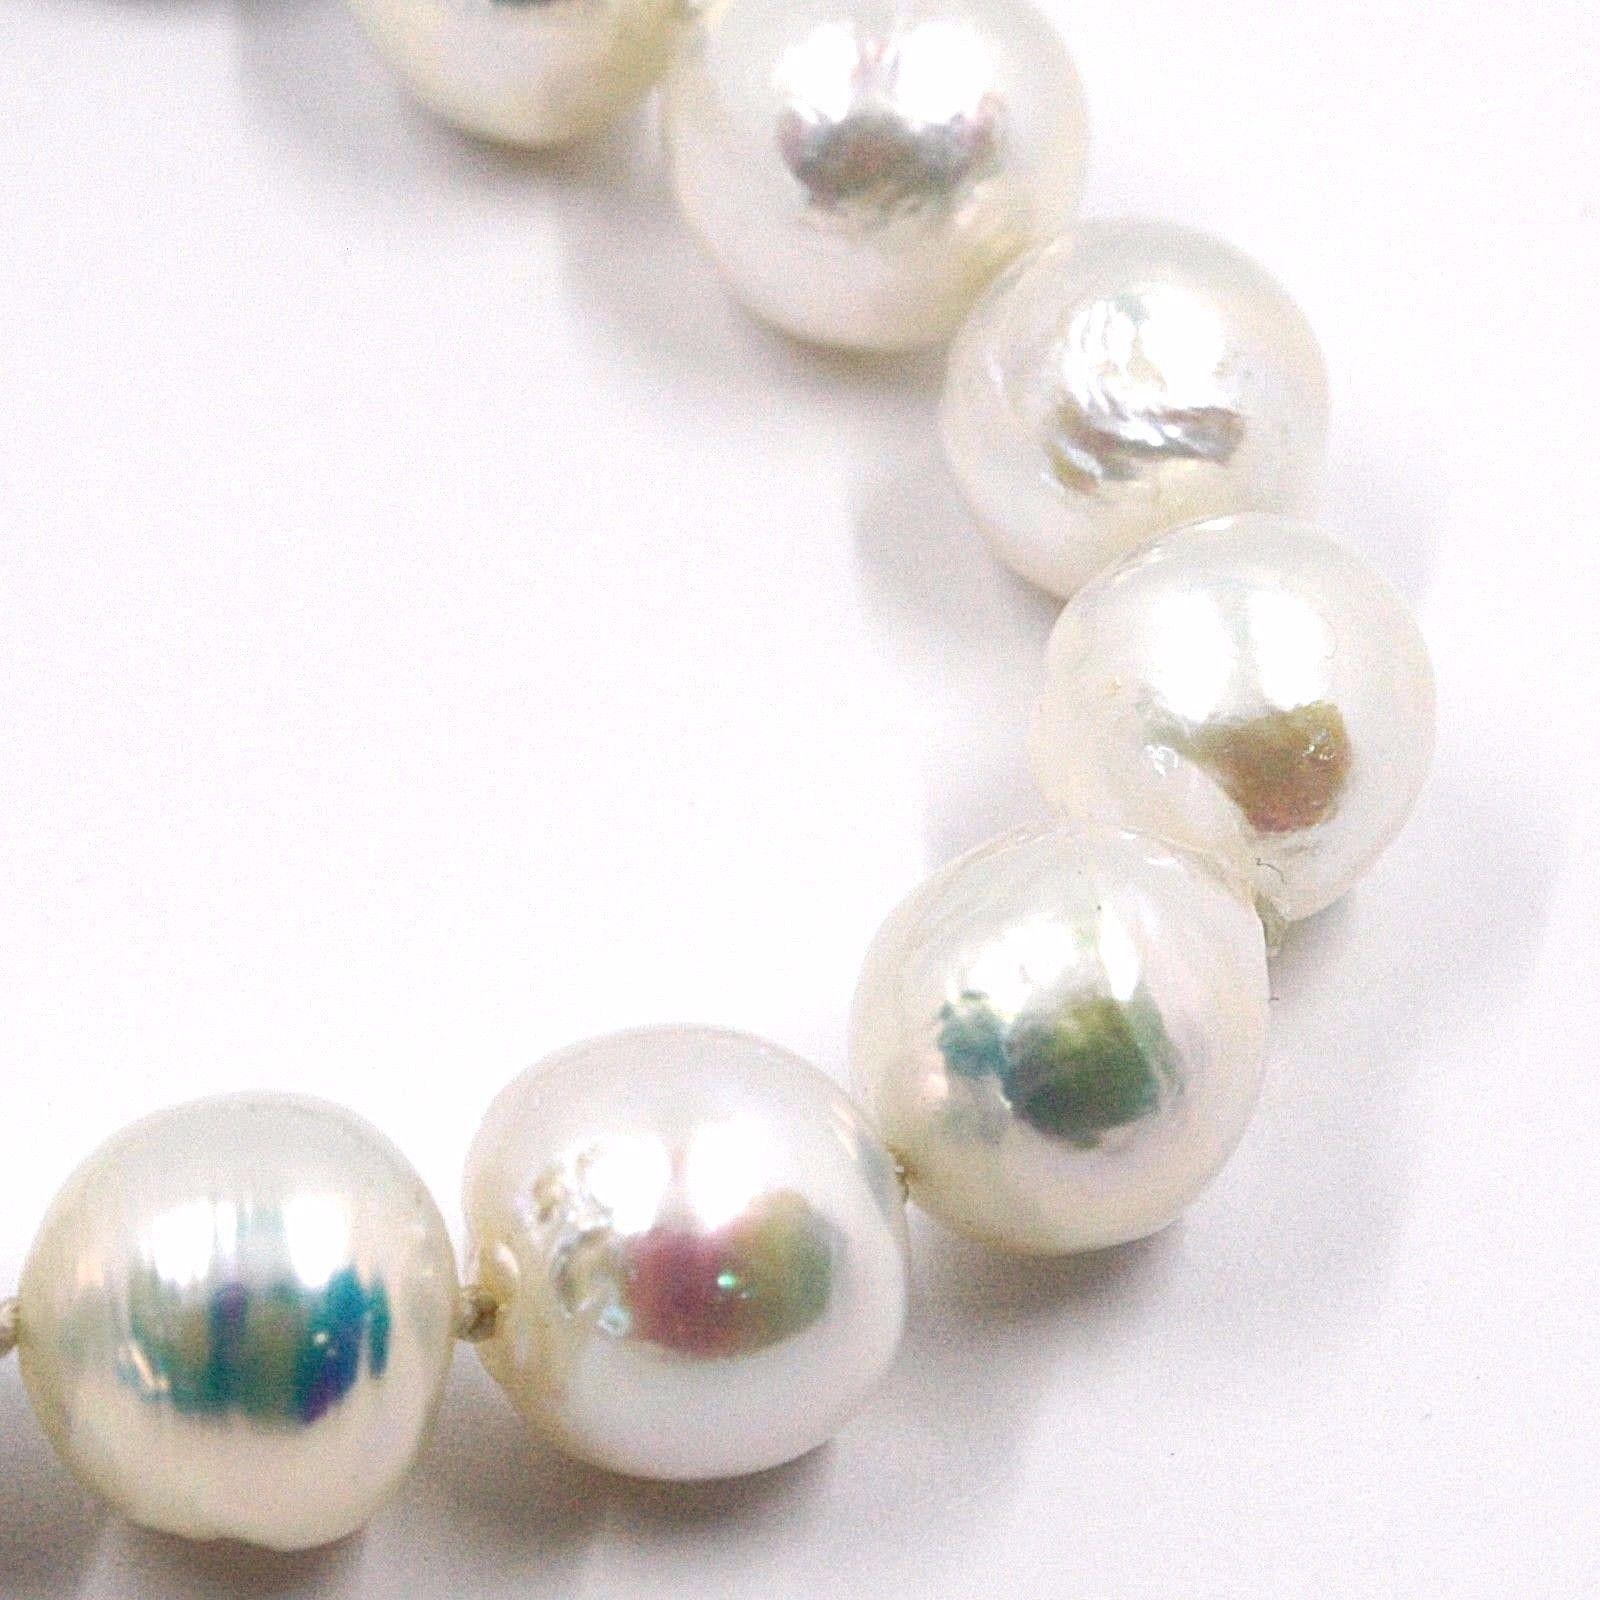 Armband Weißgold 18k, Perlen Groß 13 mm, Weiß, Süßwasser, Barock-Stil